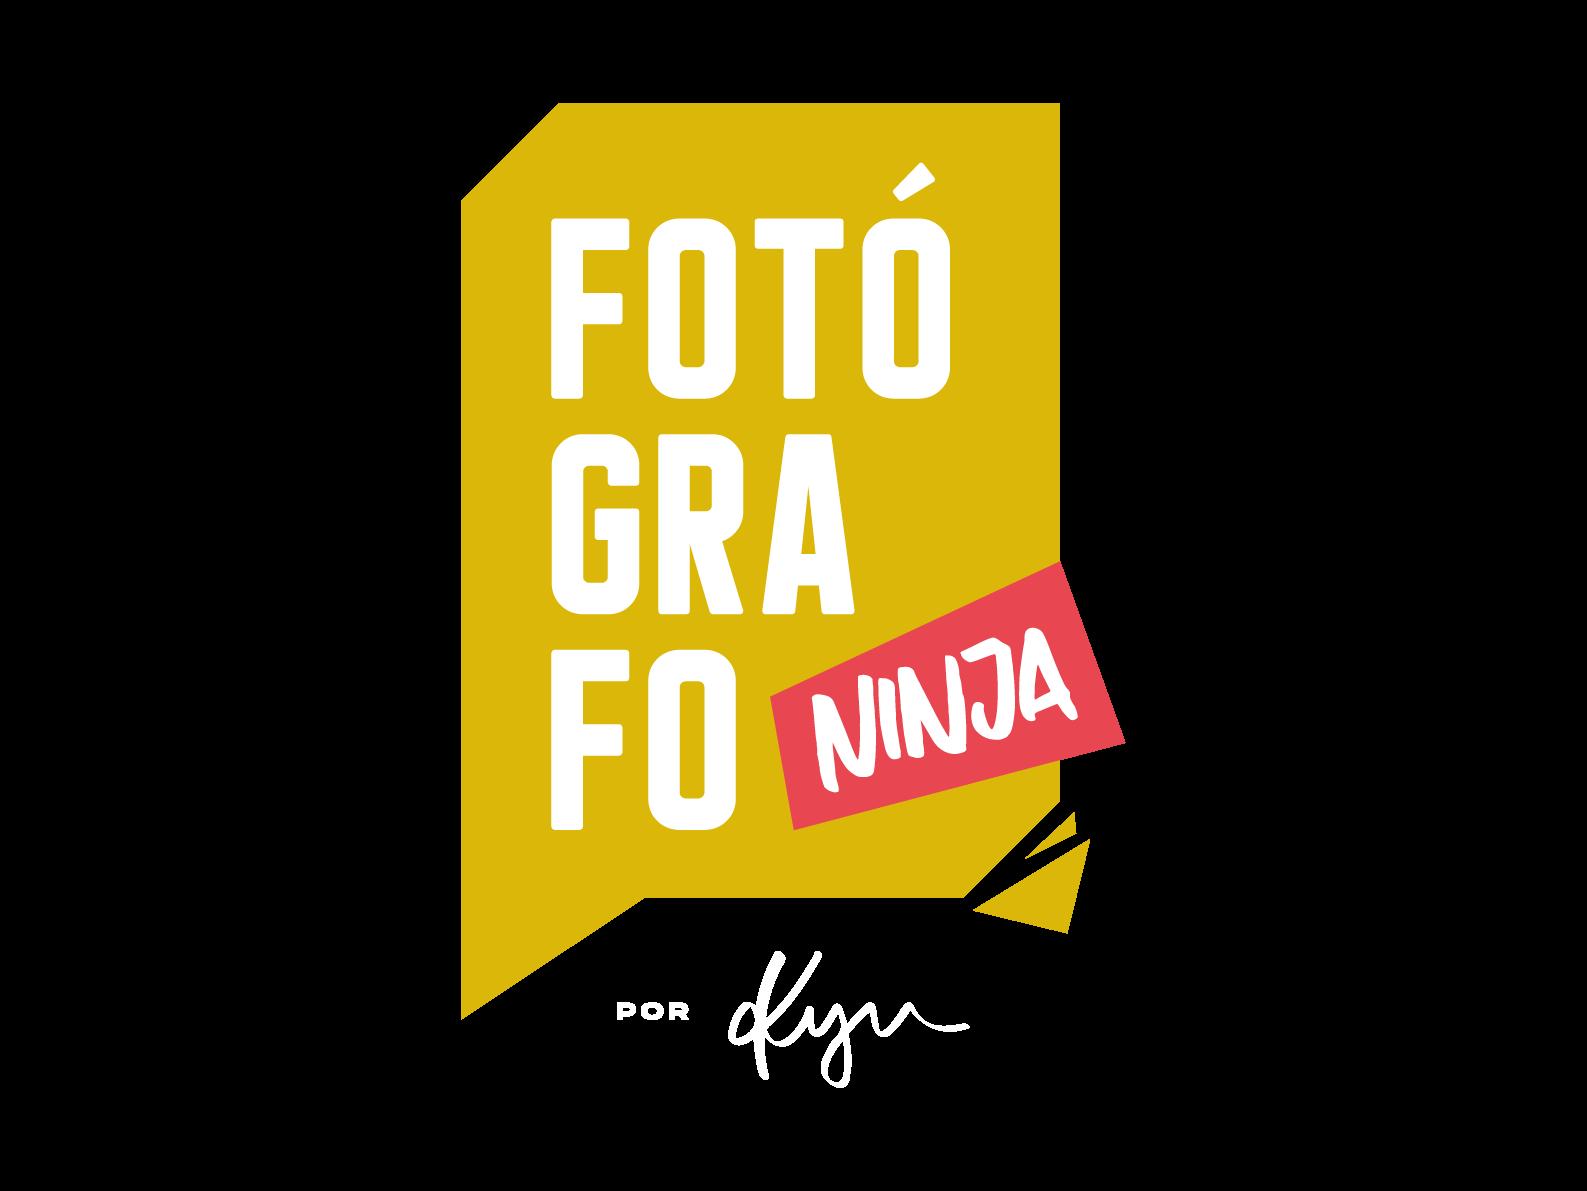 Curso de Fotografia Online – Fotógrafo Ninja